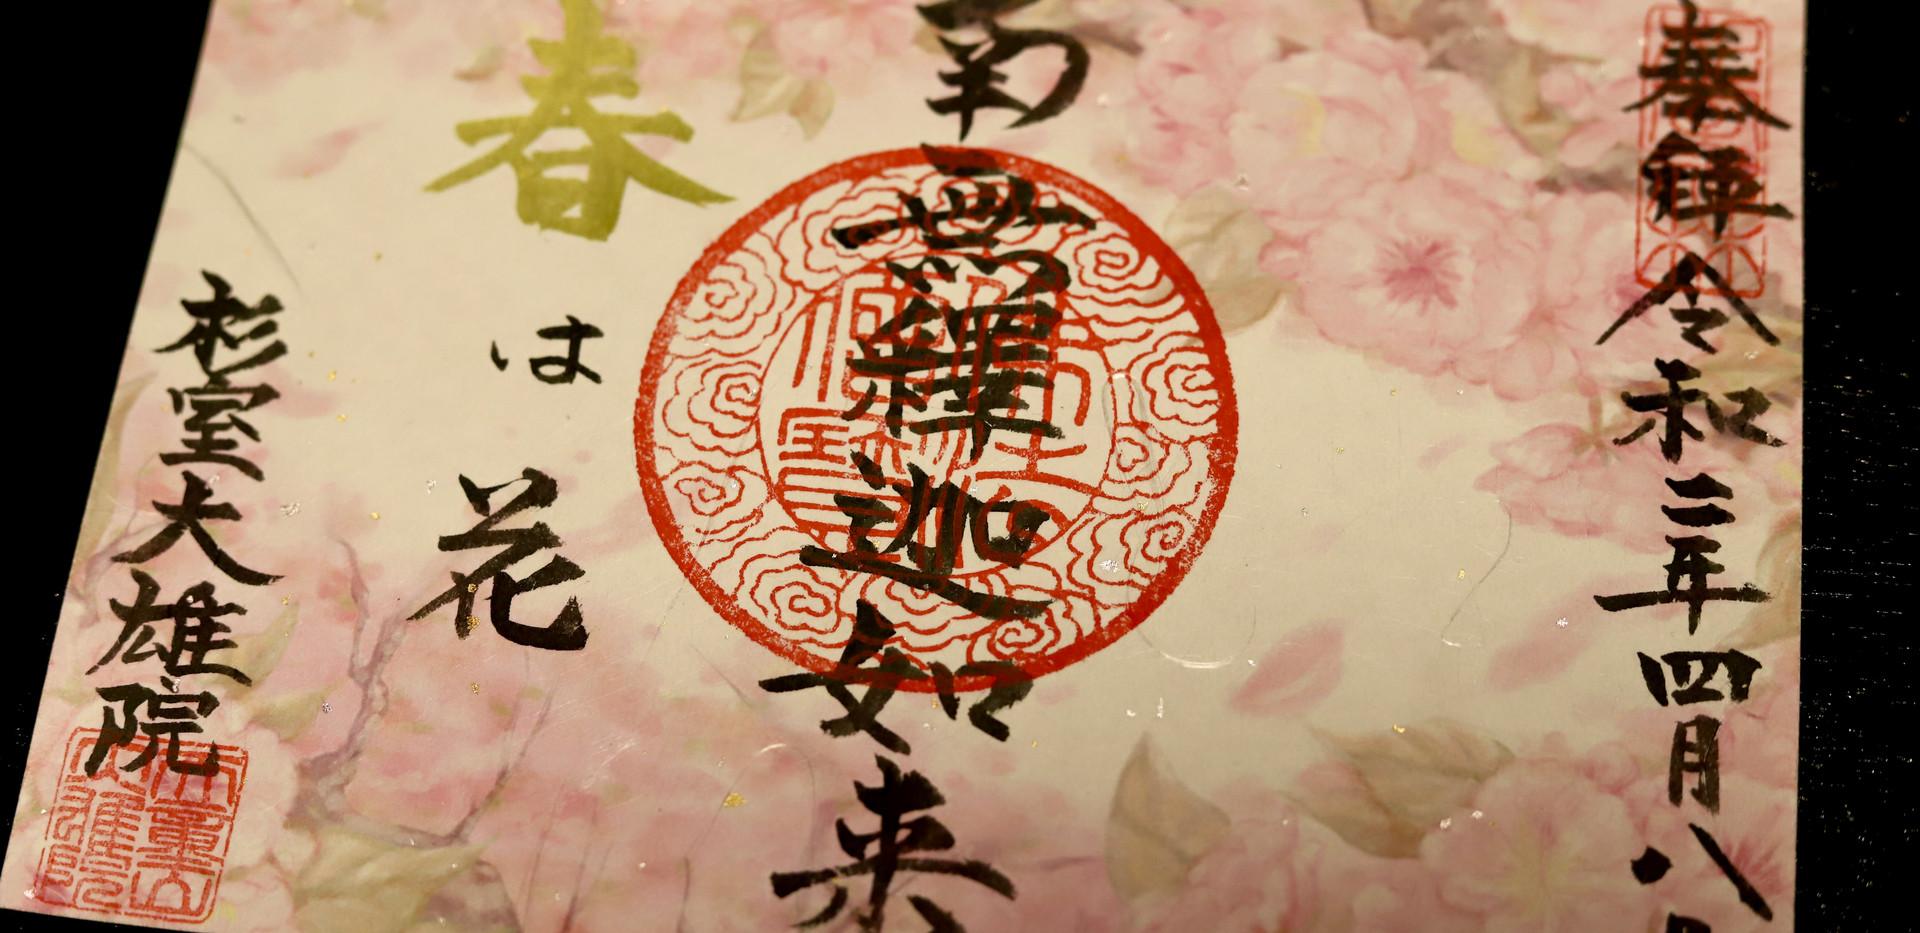 春季限定御朱印・日立固有種大雄院八重桜